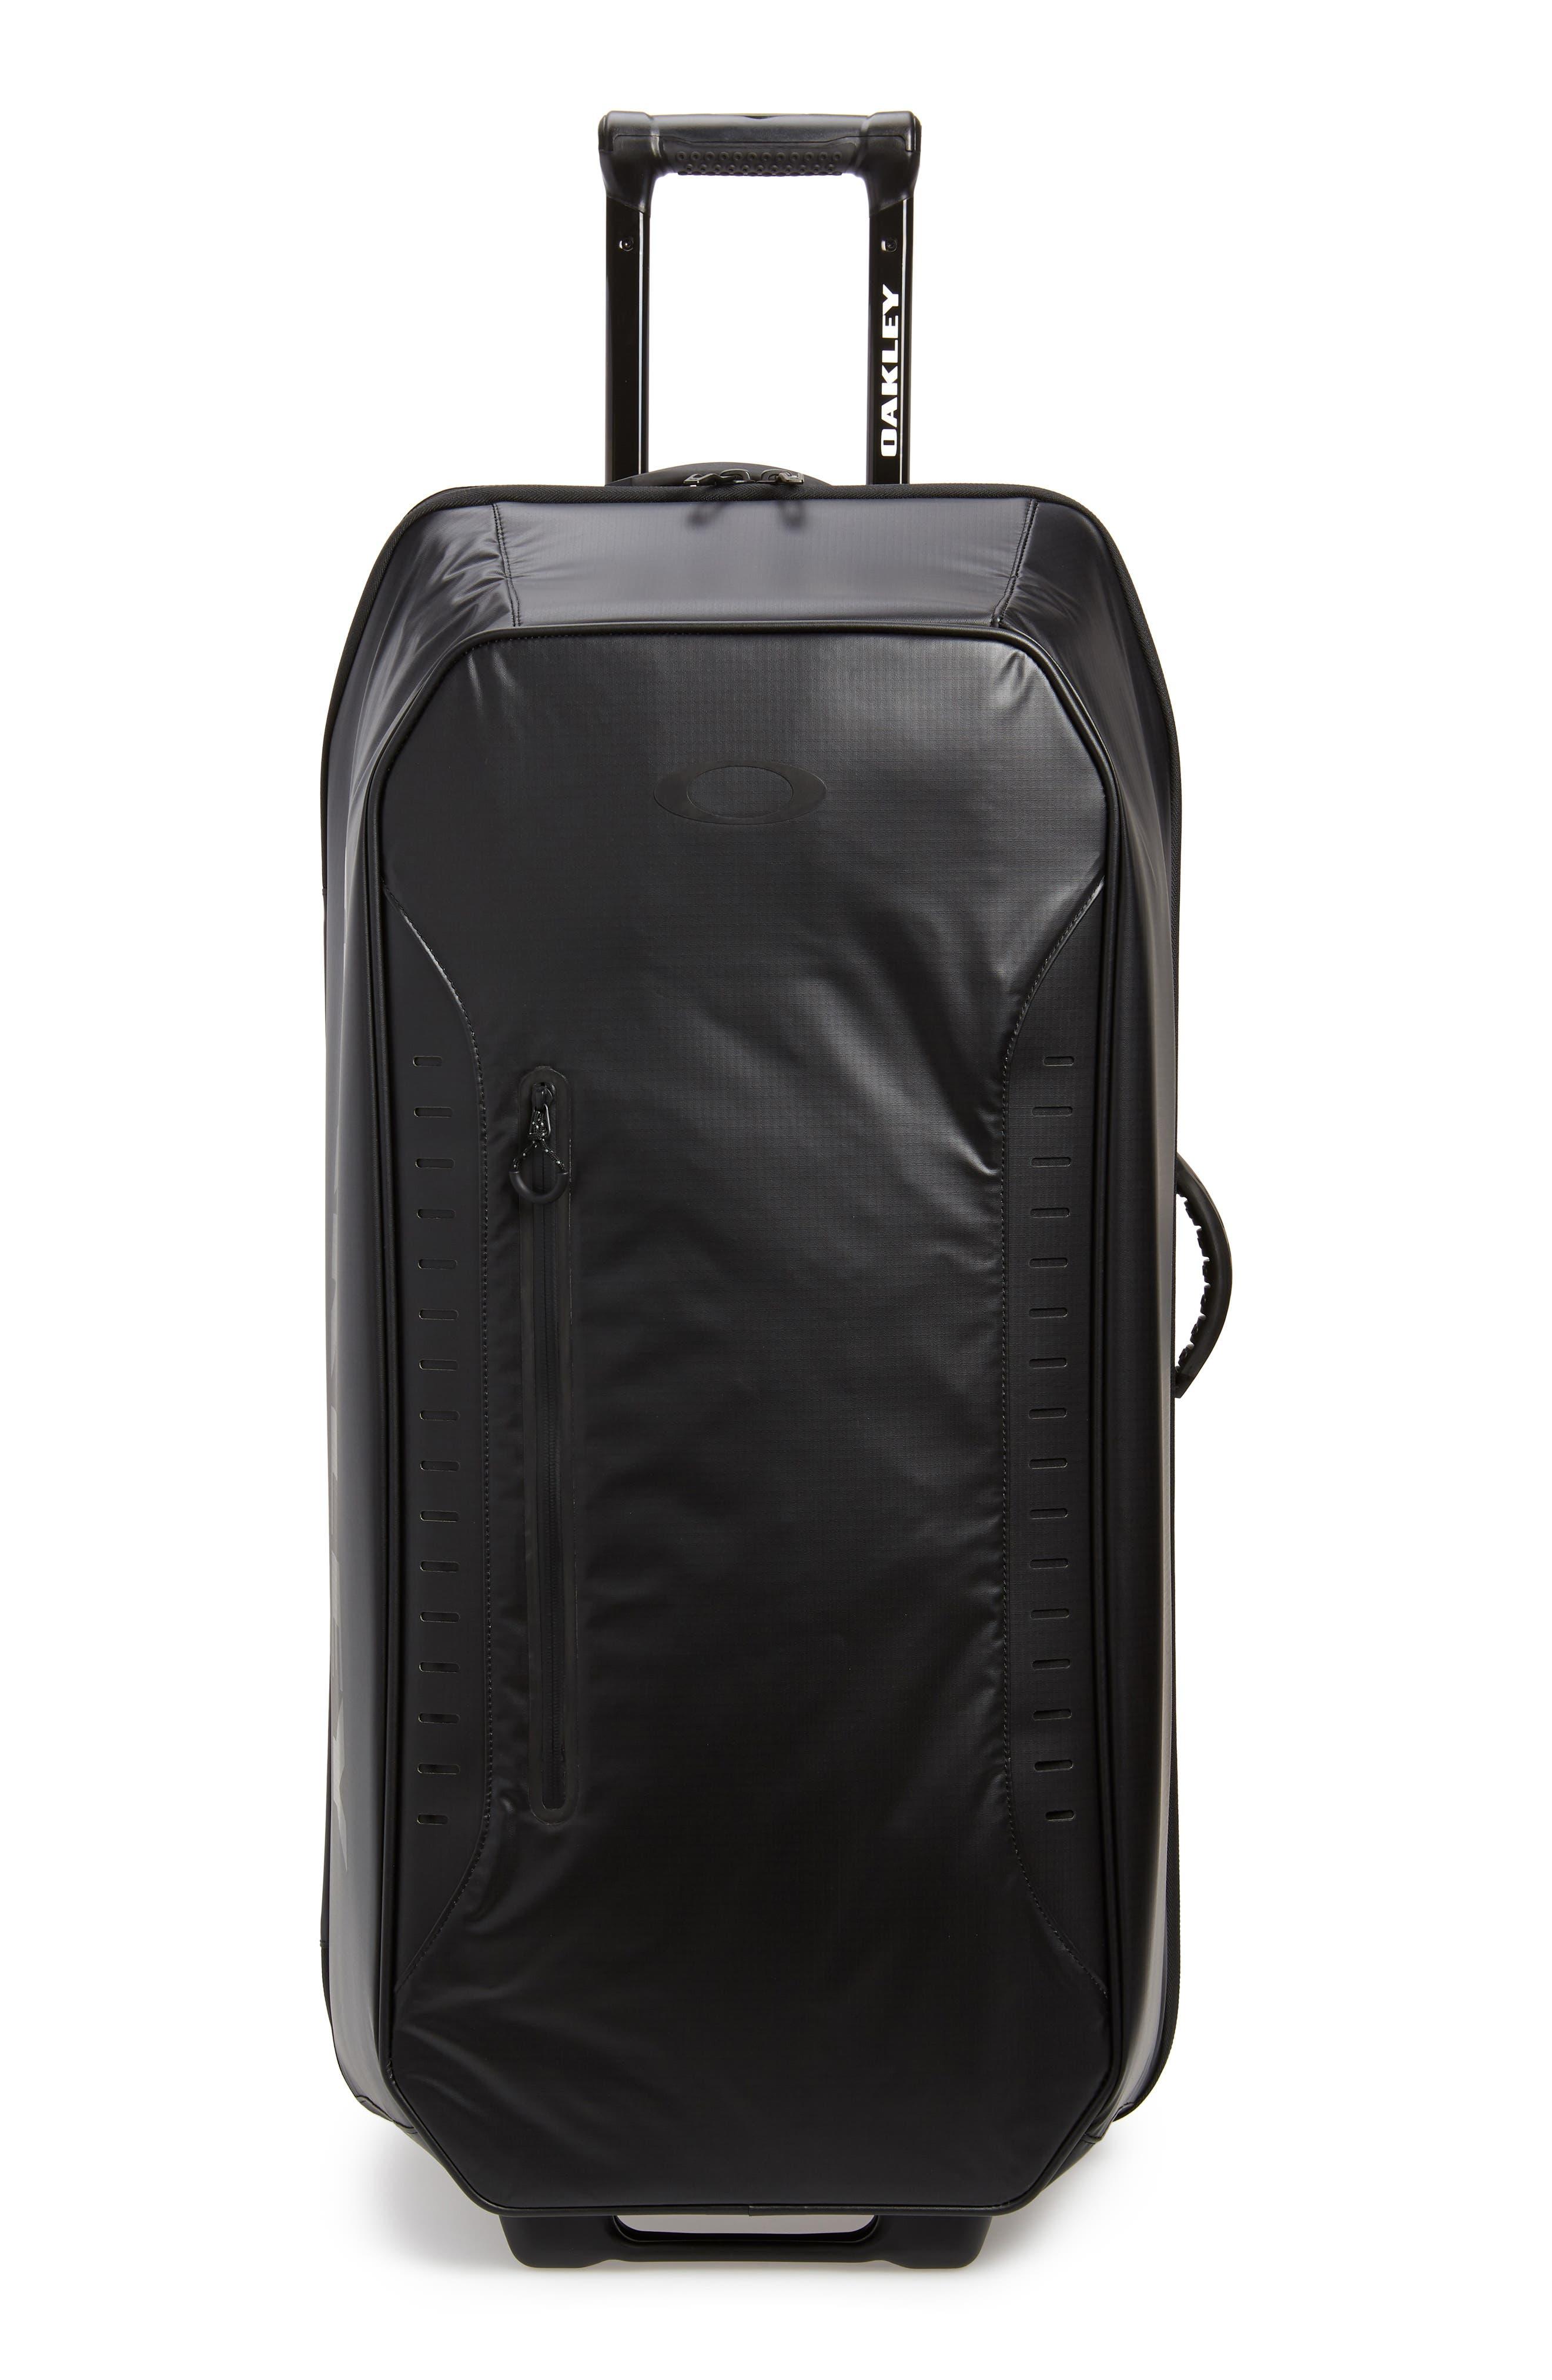 FP 115L Rolling Duffel Bag,                             Main thumbnail 1, color,                             BLACKOUT